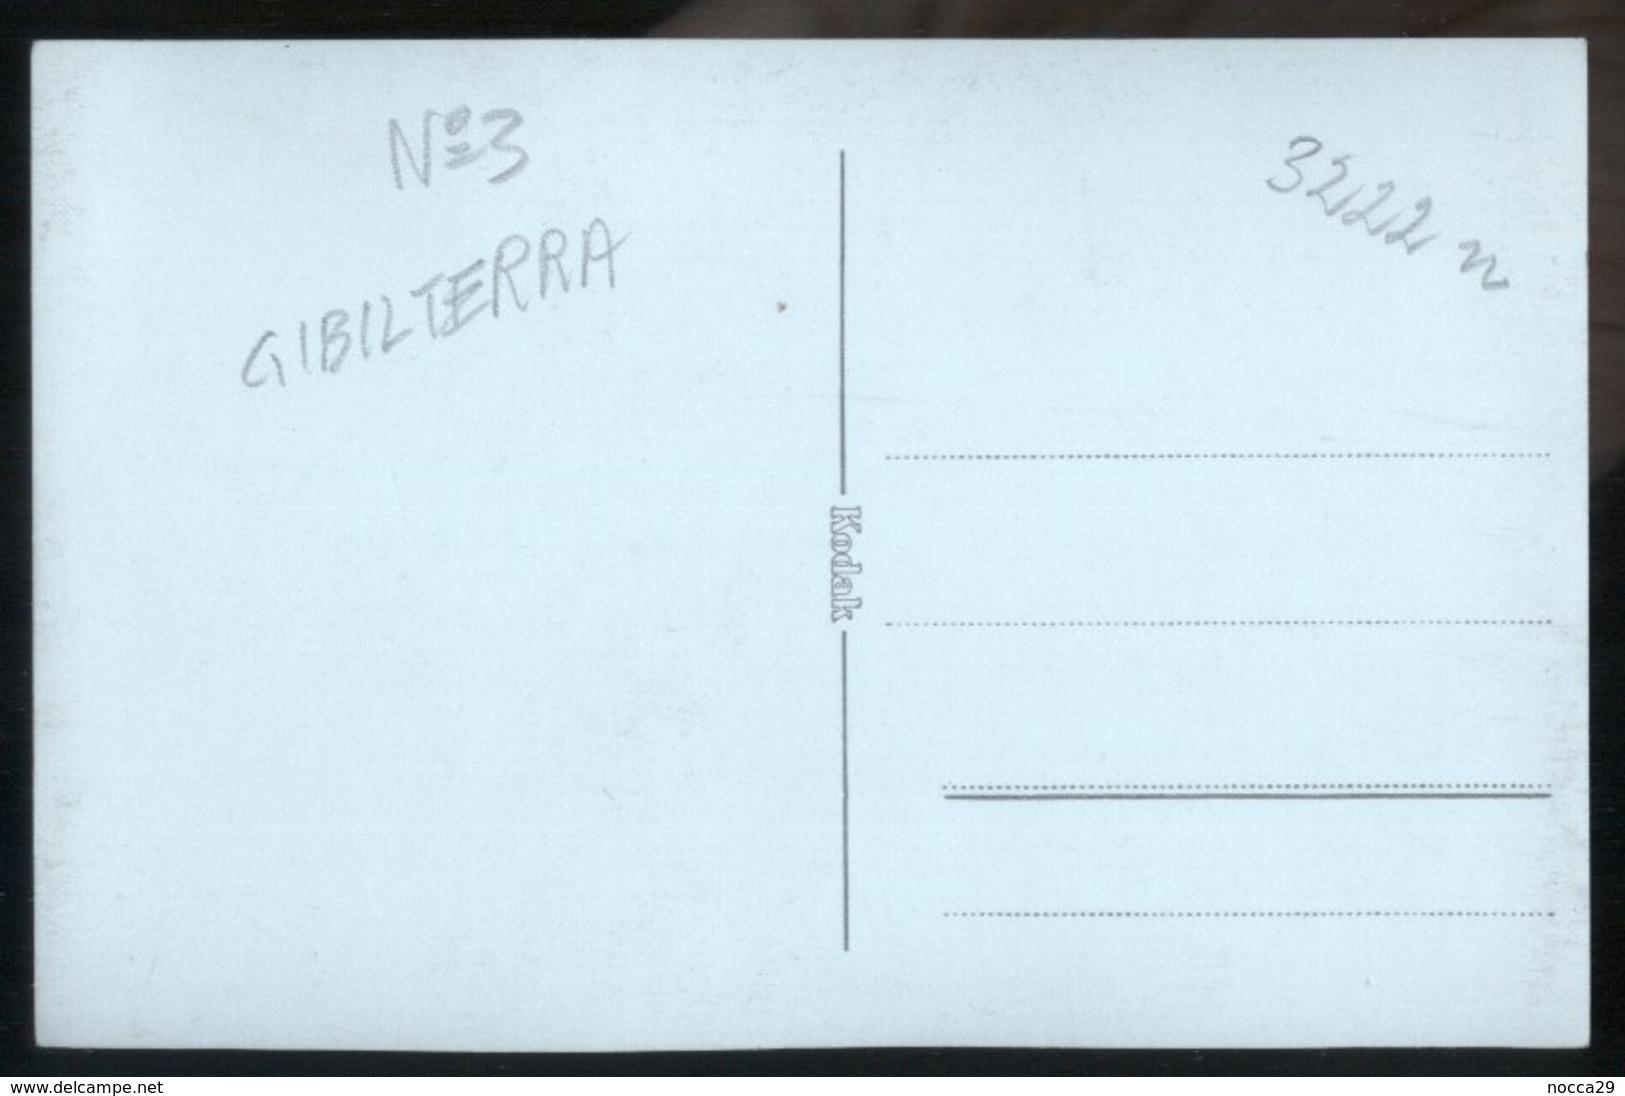 GIBILTERRA O CEUTA - GIBRALTAR OR CEUTA - FOTOCARTOLINA ANNI 30-40  N°3 - Gibilterra